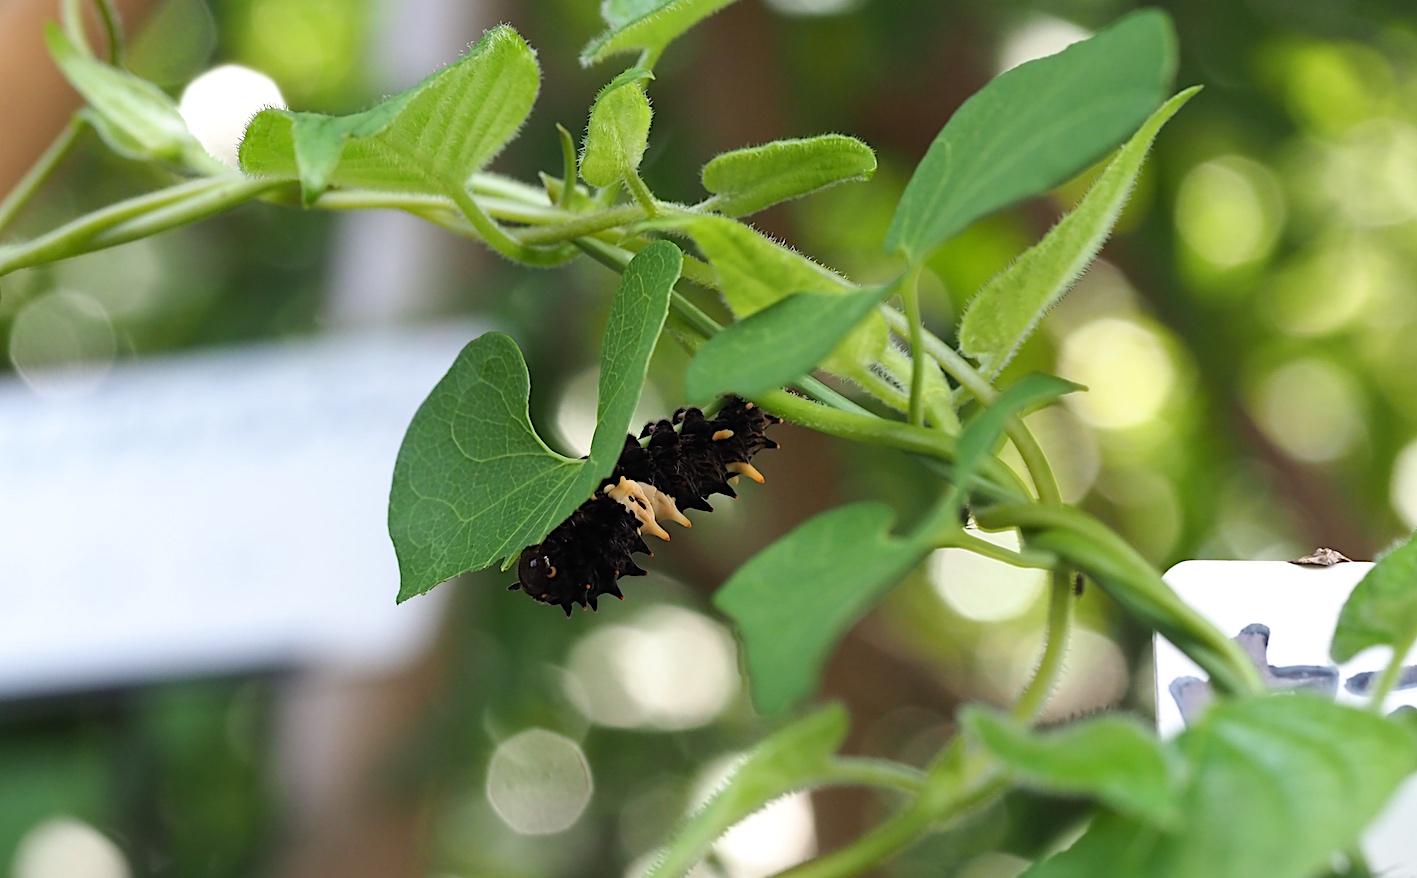 ホシミスジ幼虫&ジャコウアゲハ幼虫(2018年8月29日)_d0303129_1336545.jpg